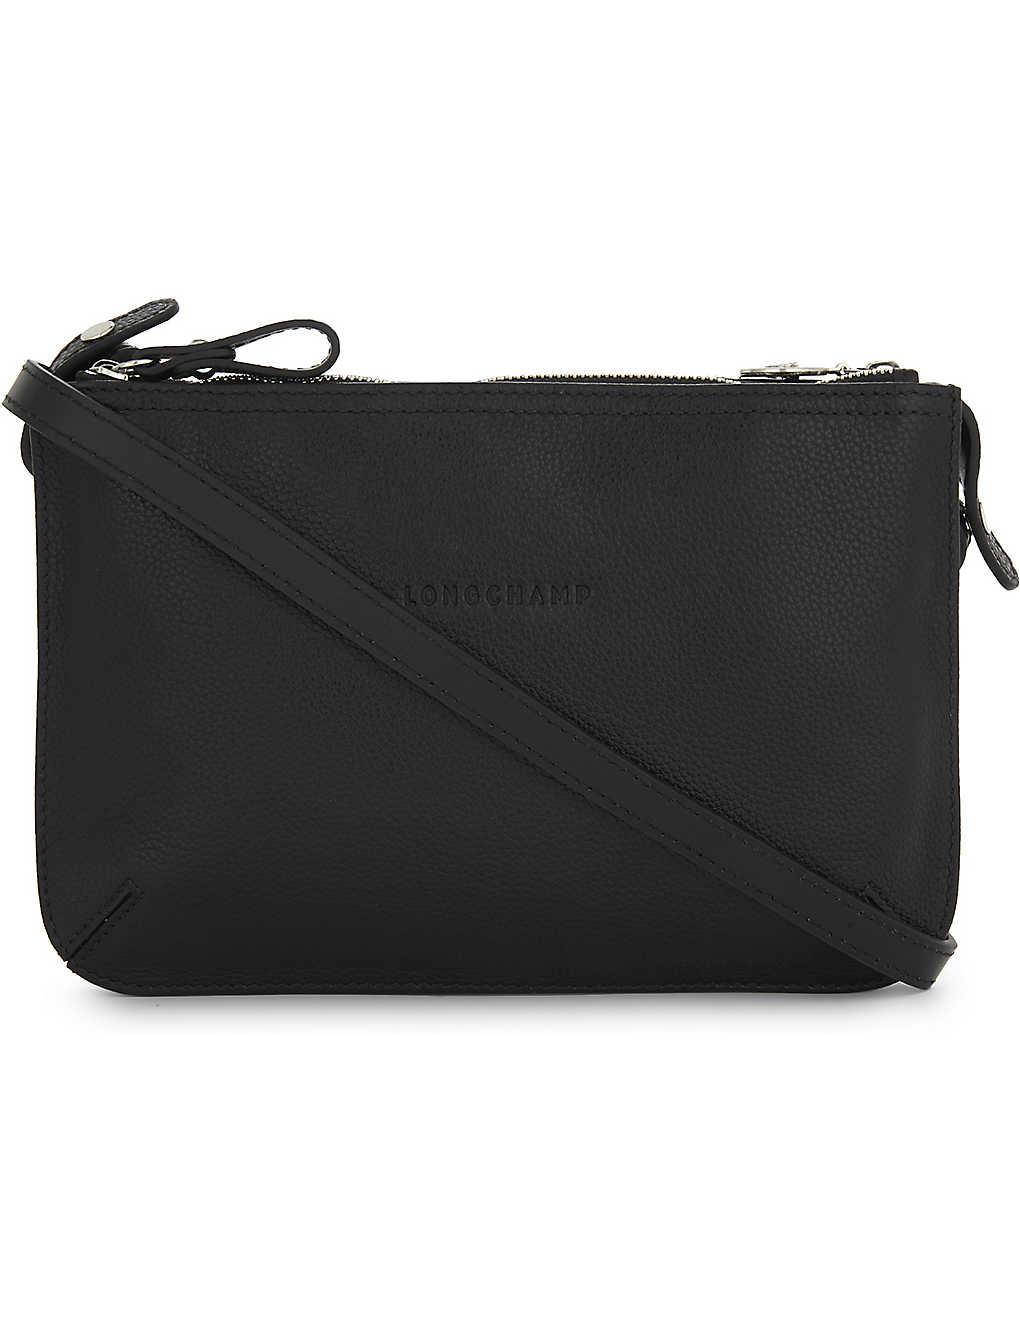 3c87df1032da07 LONGCHAMP - Le Foulonné leather cross-body bag | Selfridges.com